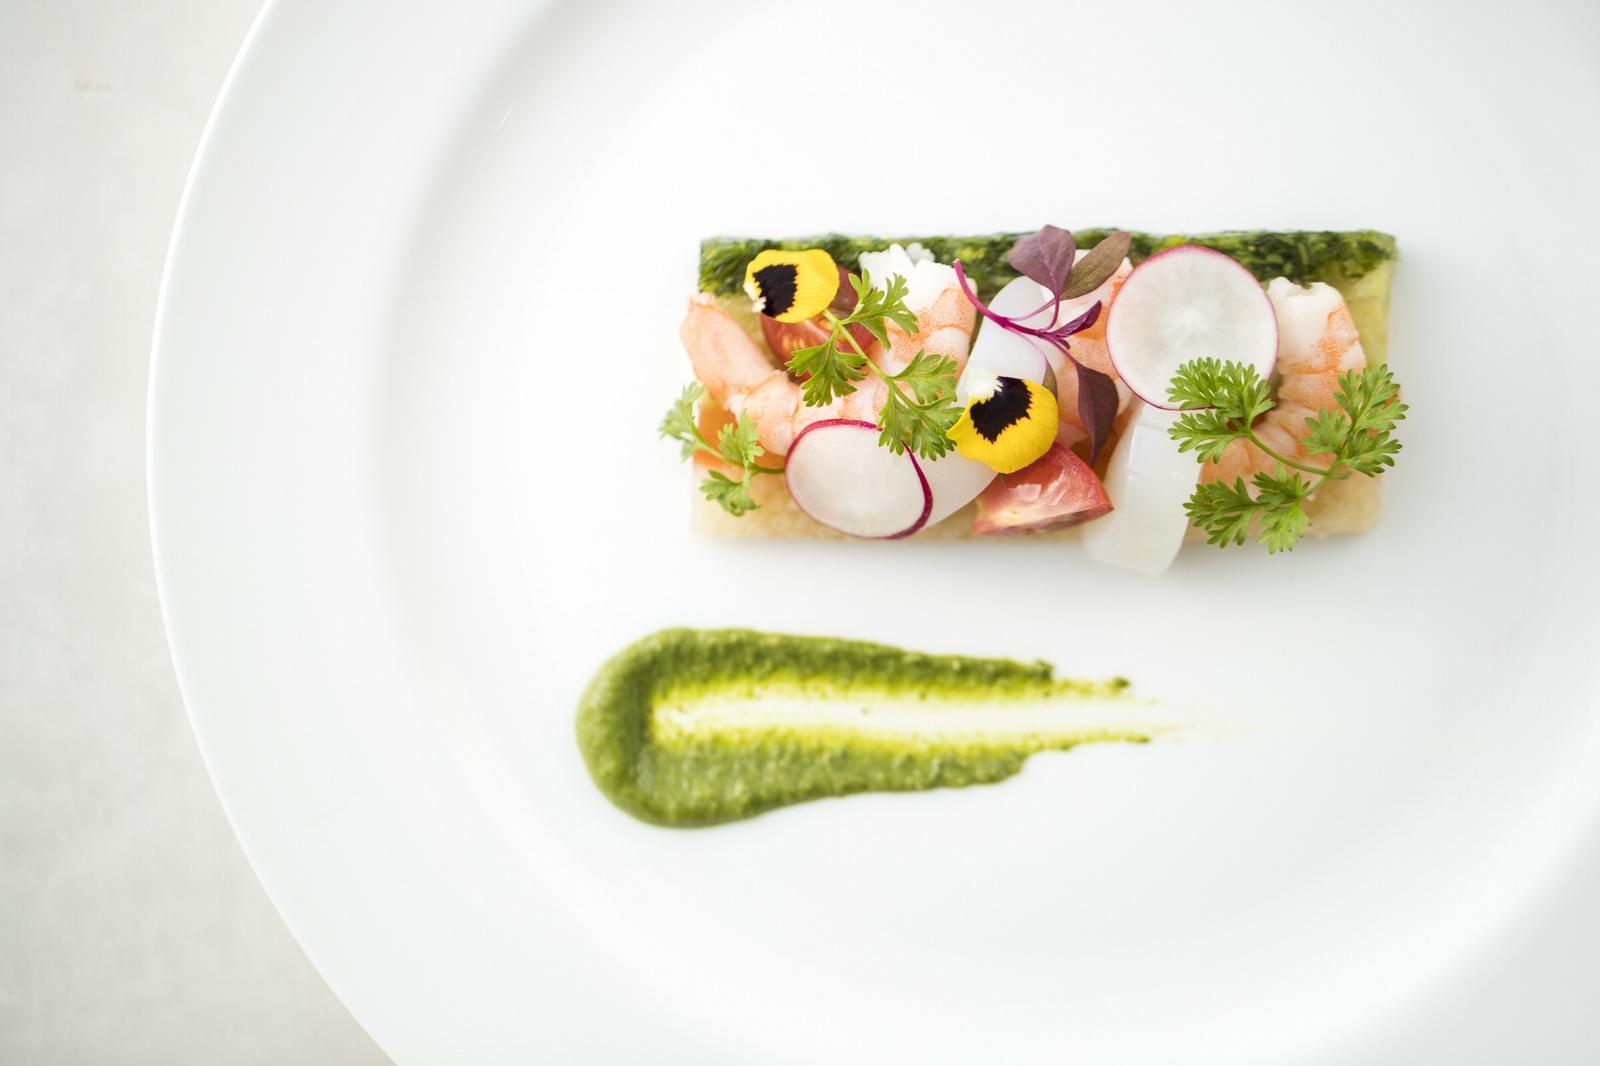 香川県の結婚式場アイスタイルの婚礼料理のイメージ